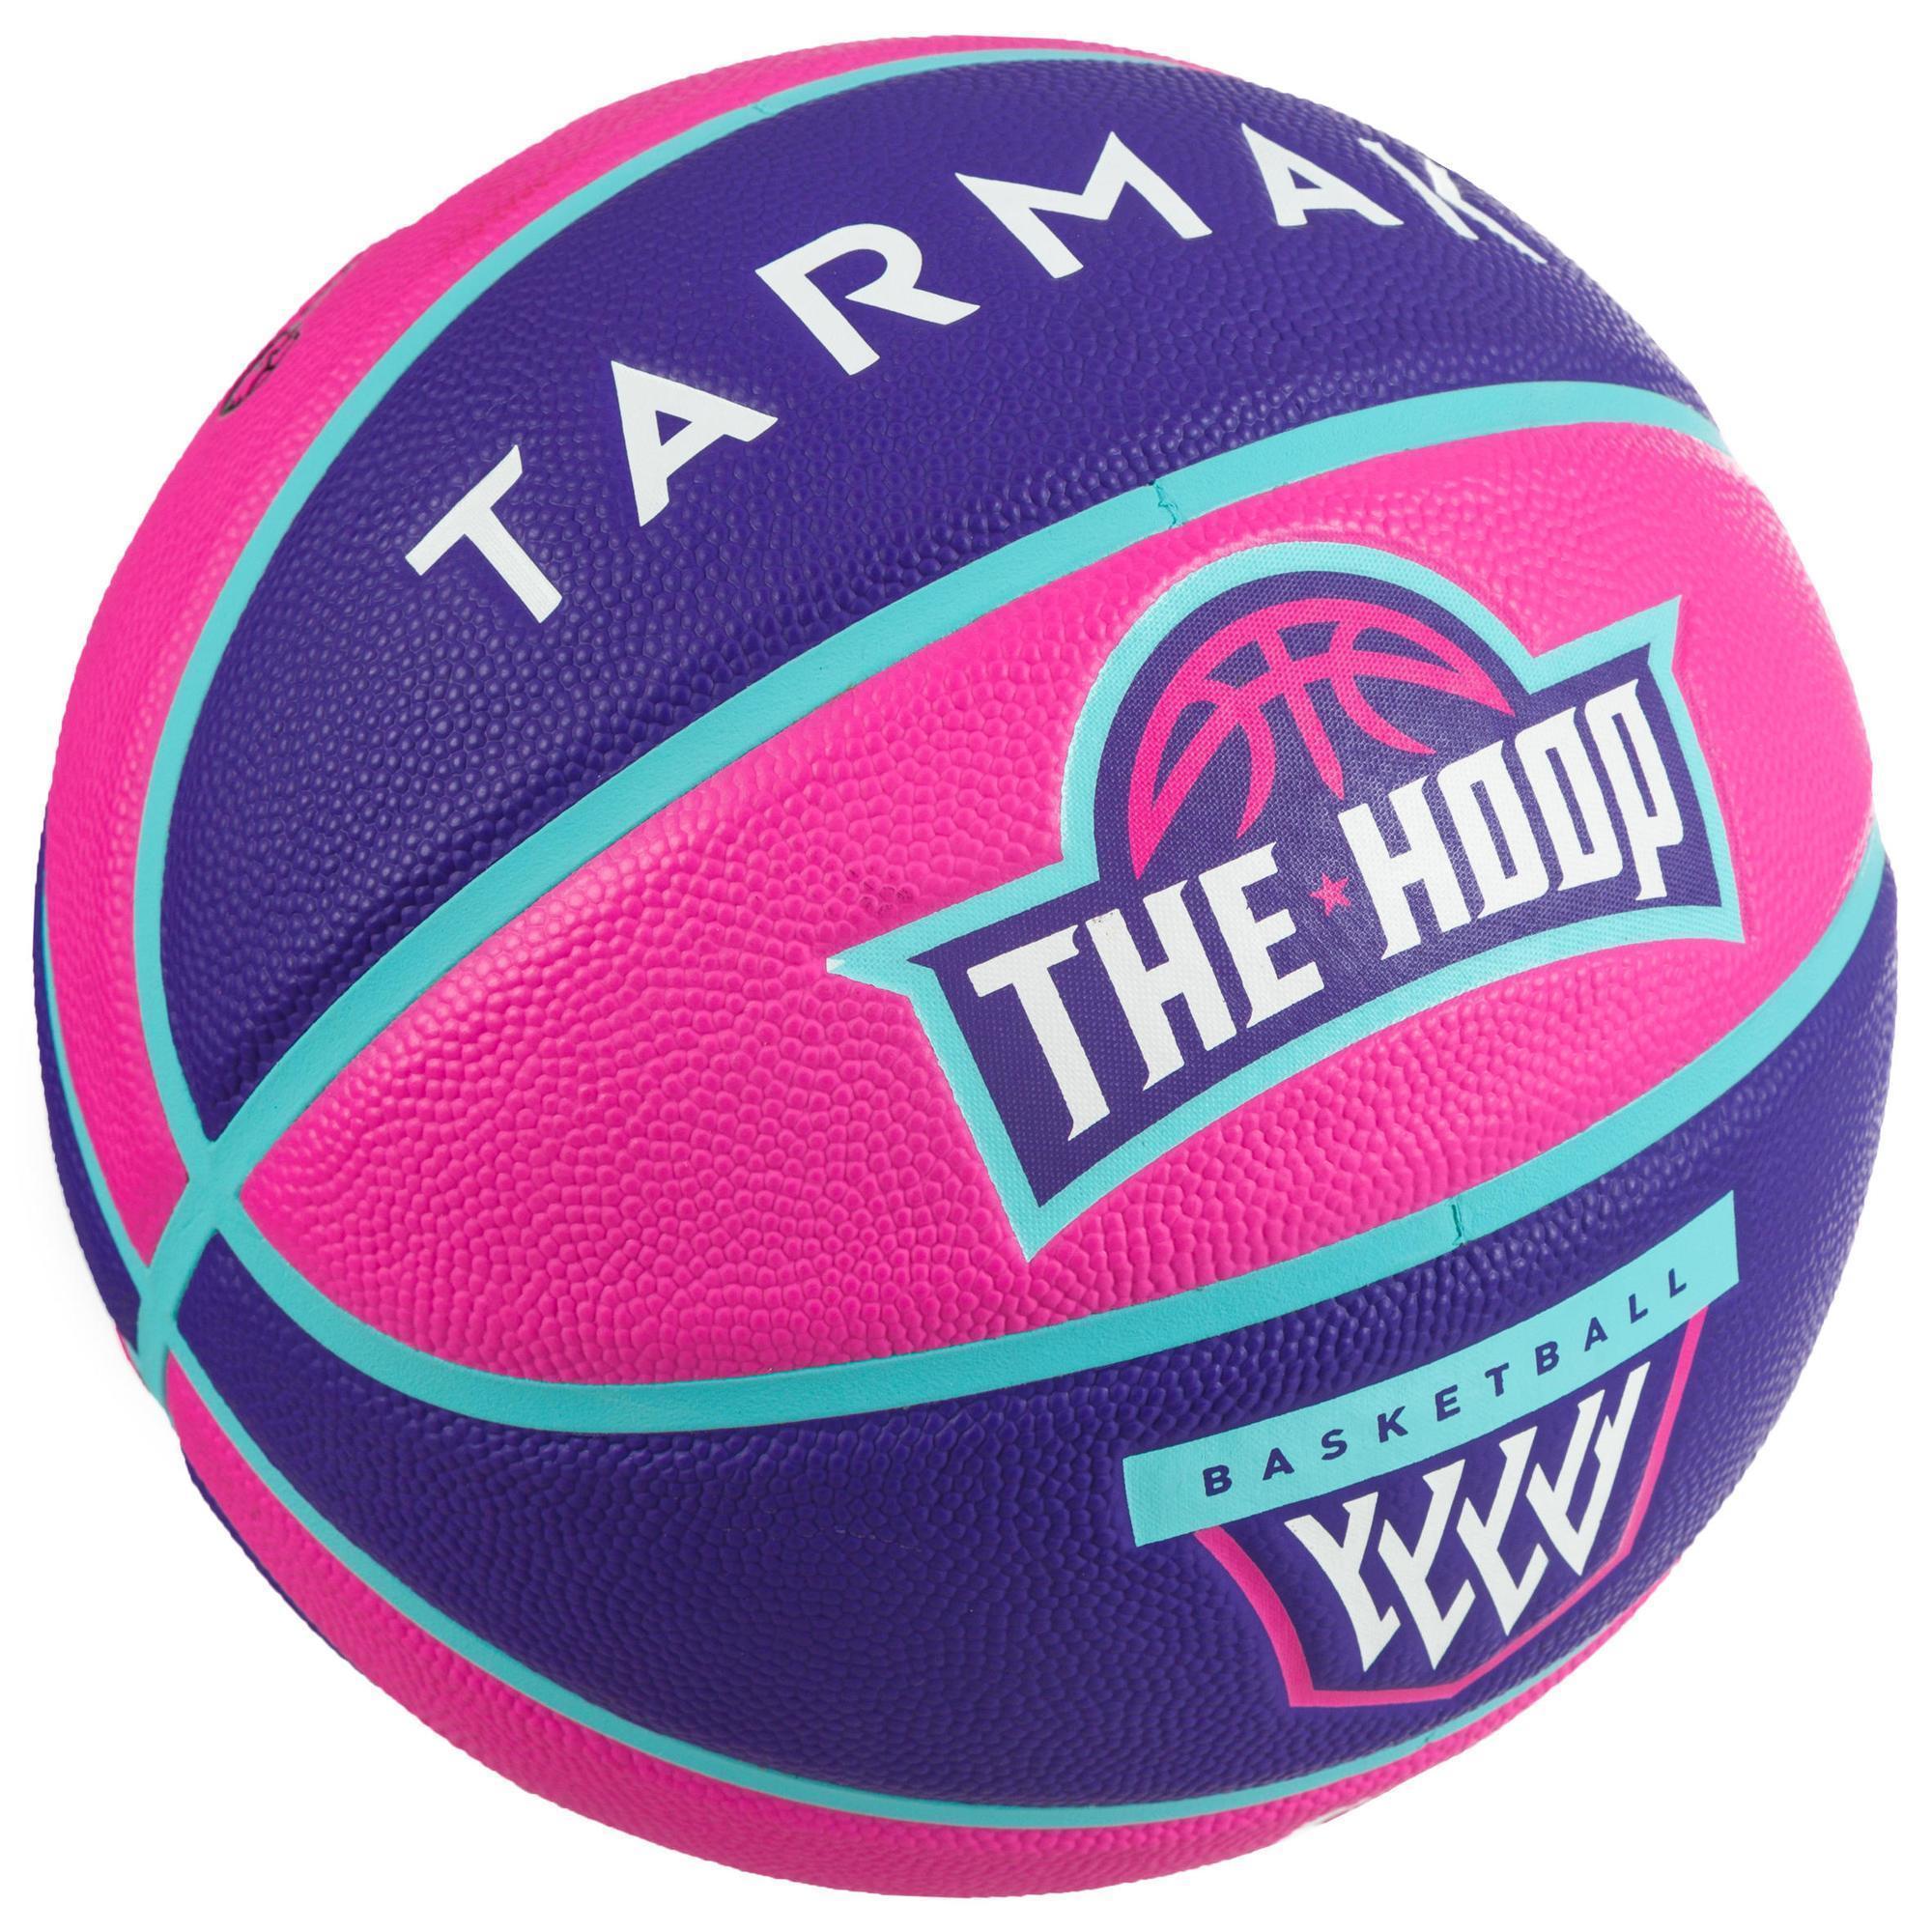 ba401957c0a5d Ballon de basket enfant Wizzy blason rose violet taille 5. - Clubs ...